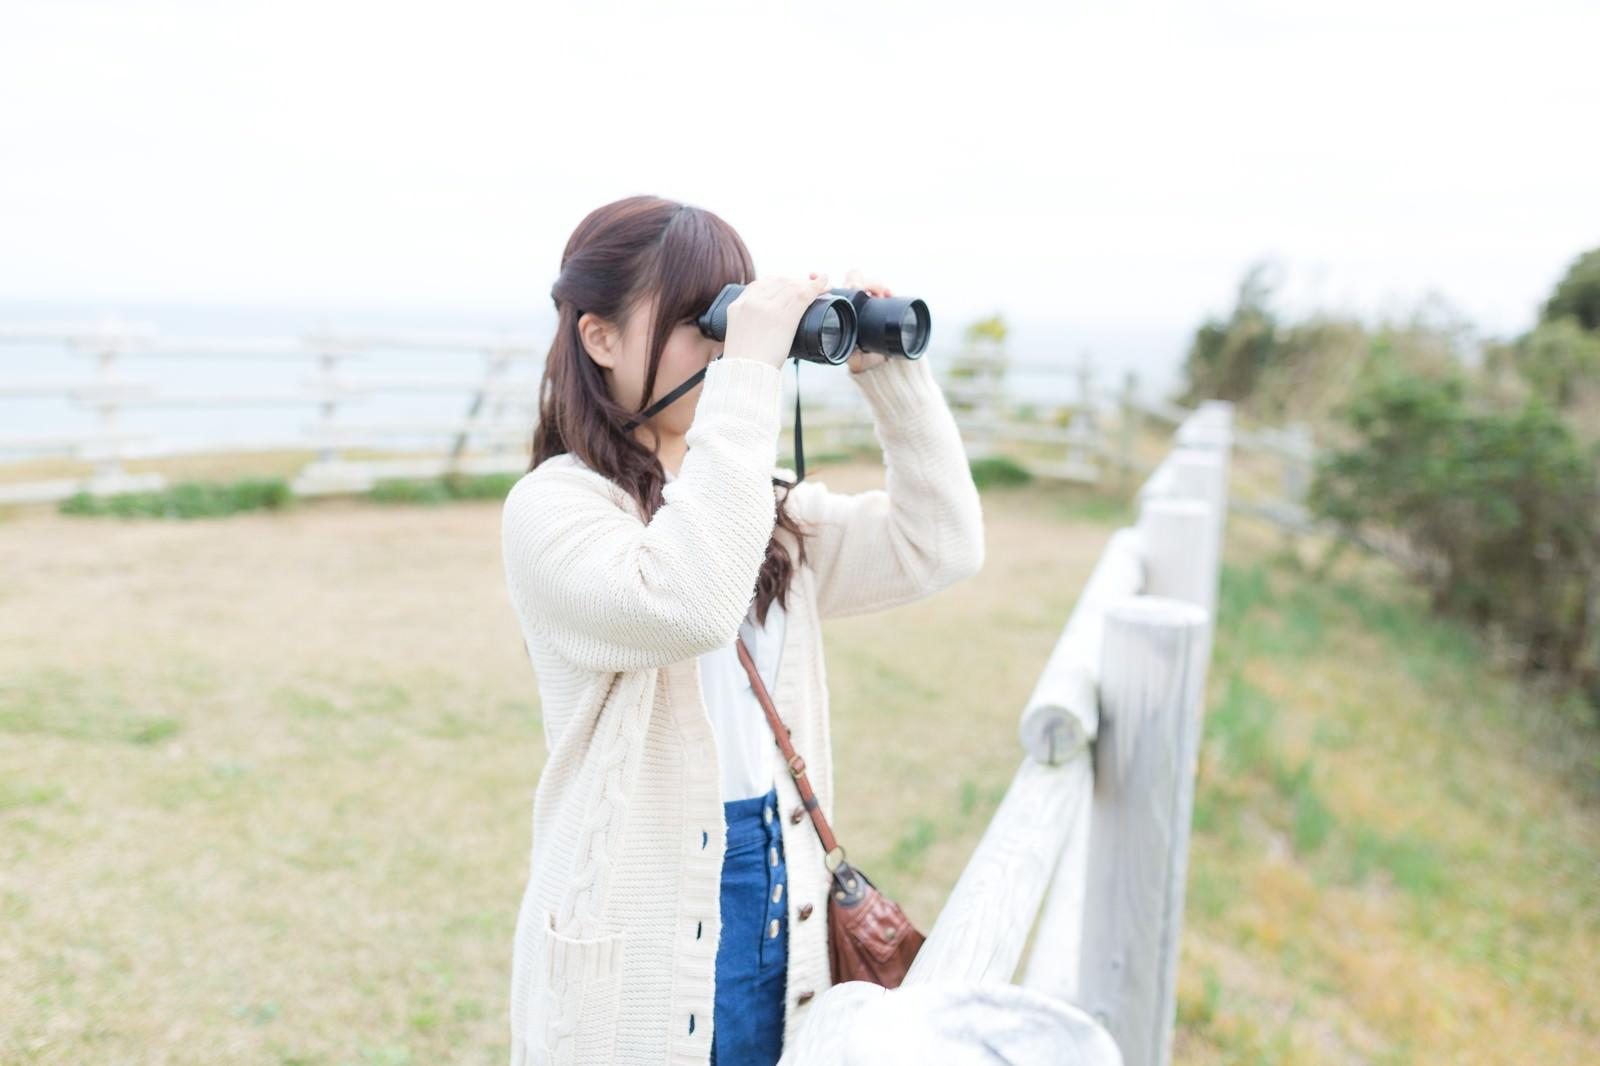 「双眼鏡で景色を眺めるする女性」の写真[モデル:河村友歌]